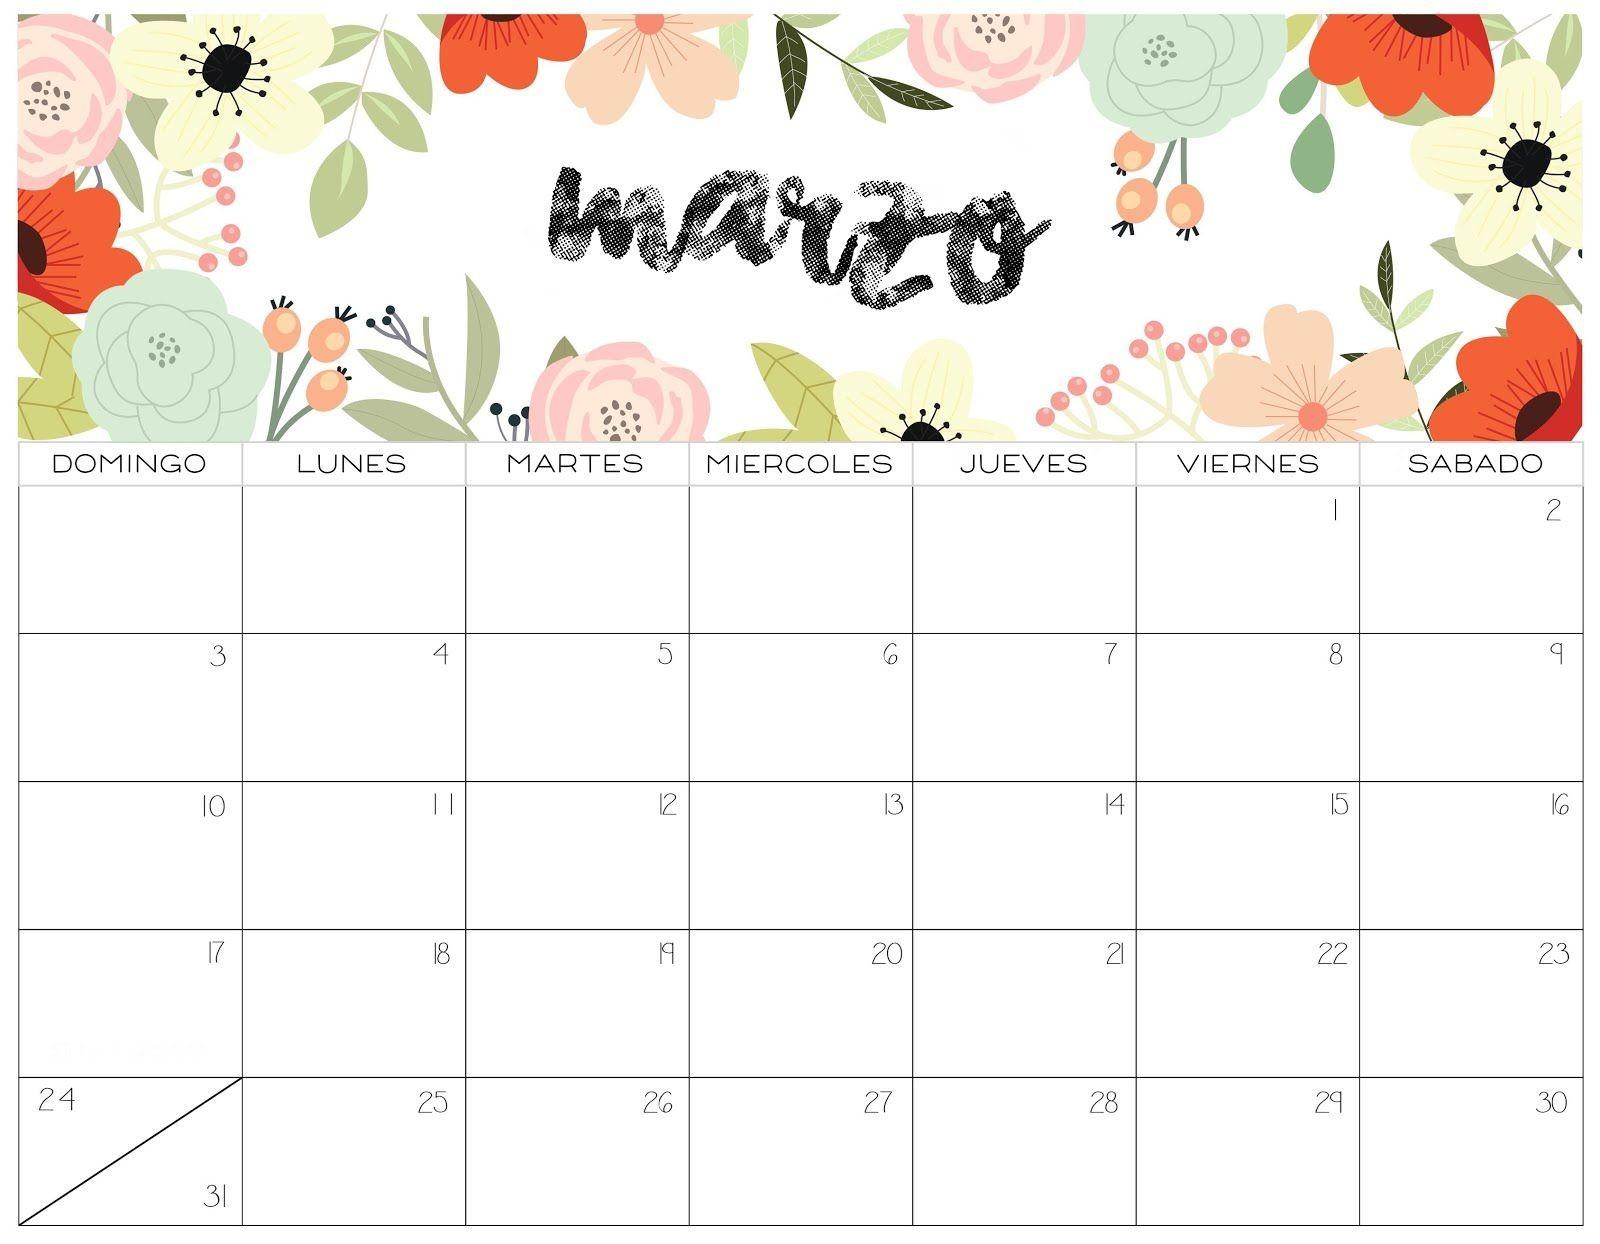 Imprimir Calendario Escolar Más Actual Las 44 Mejores Imágenes De Cumple Zoe Of Imprimir Calendario Escolar Más Recientes Vuelta Al Cole 2017 100 Plantillas Y Horarios Gratis Para